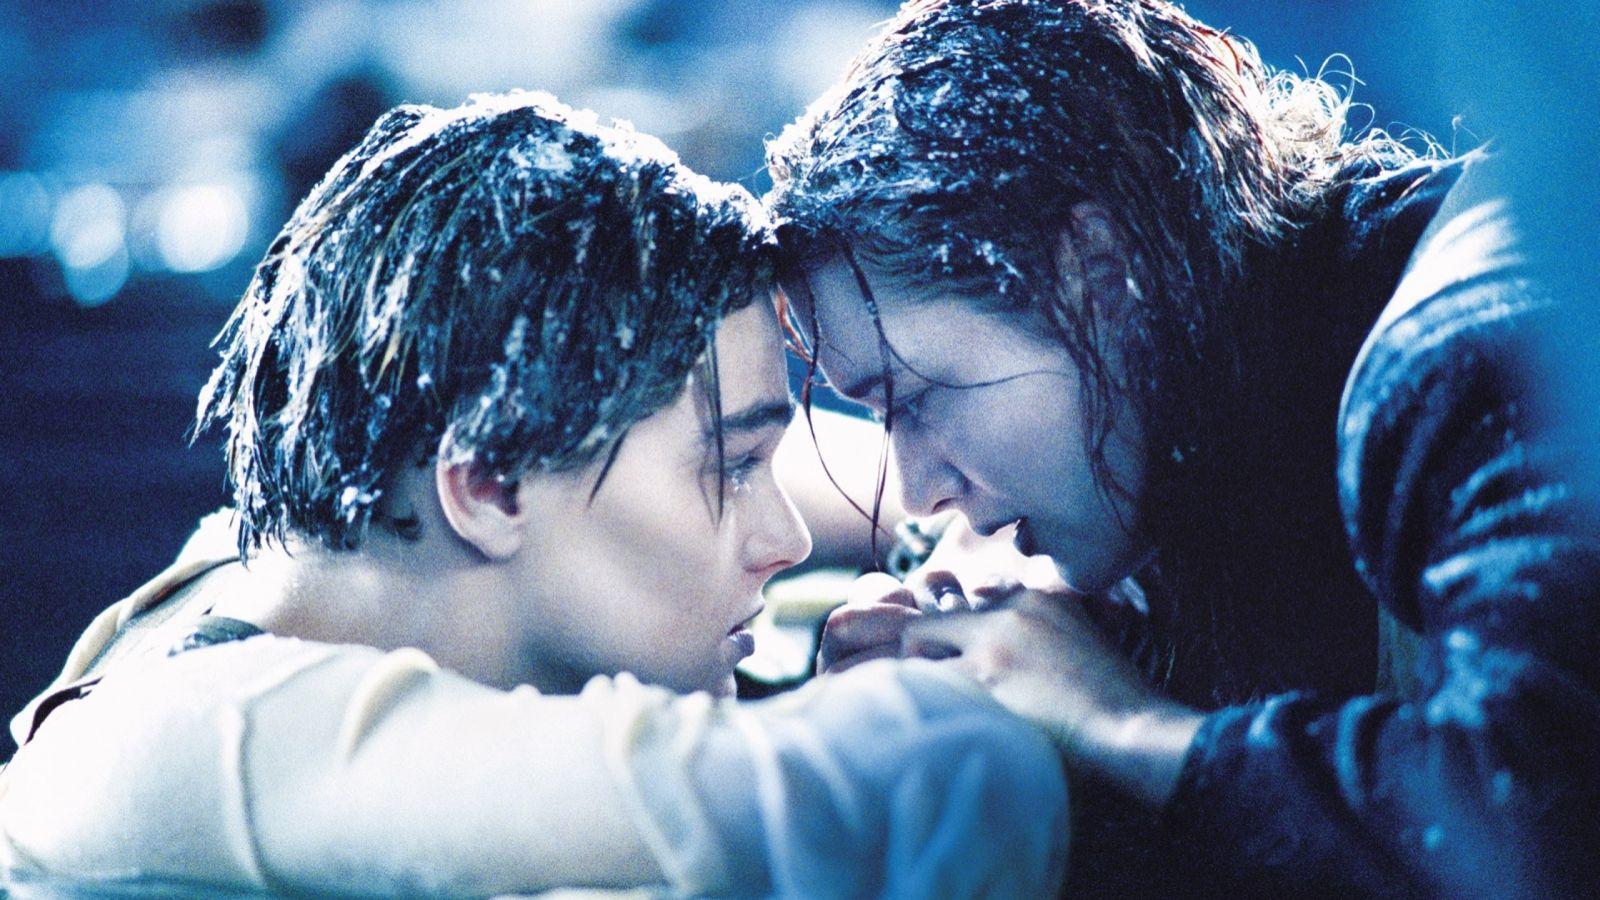 ...hogy megmentse szívszerelmét: még akkor is, ha csak pár napja ismerték meg egymást - komoly?! (20th Century Fox)